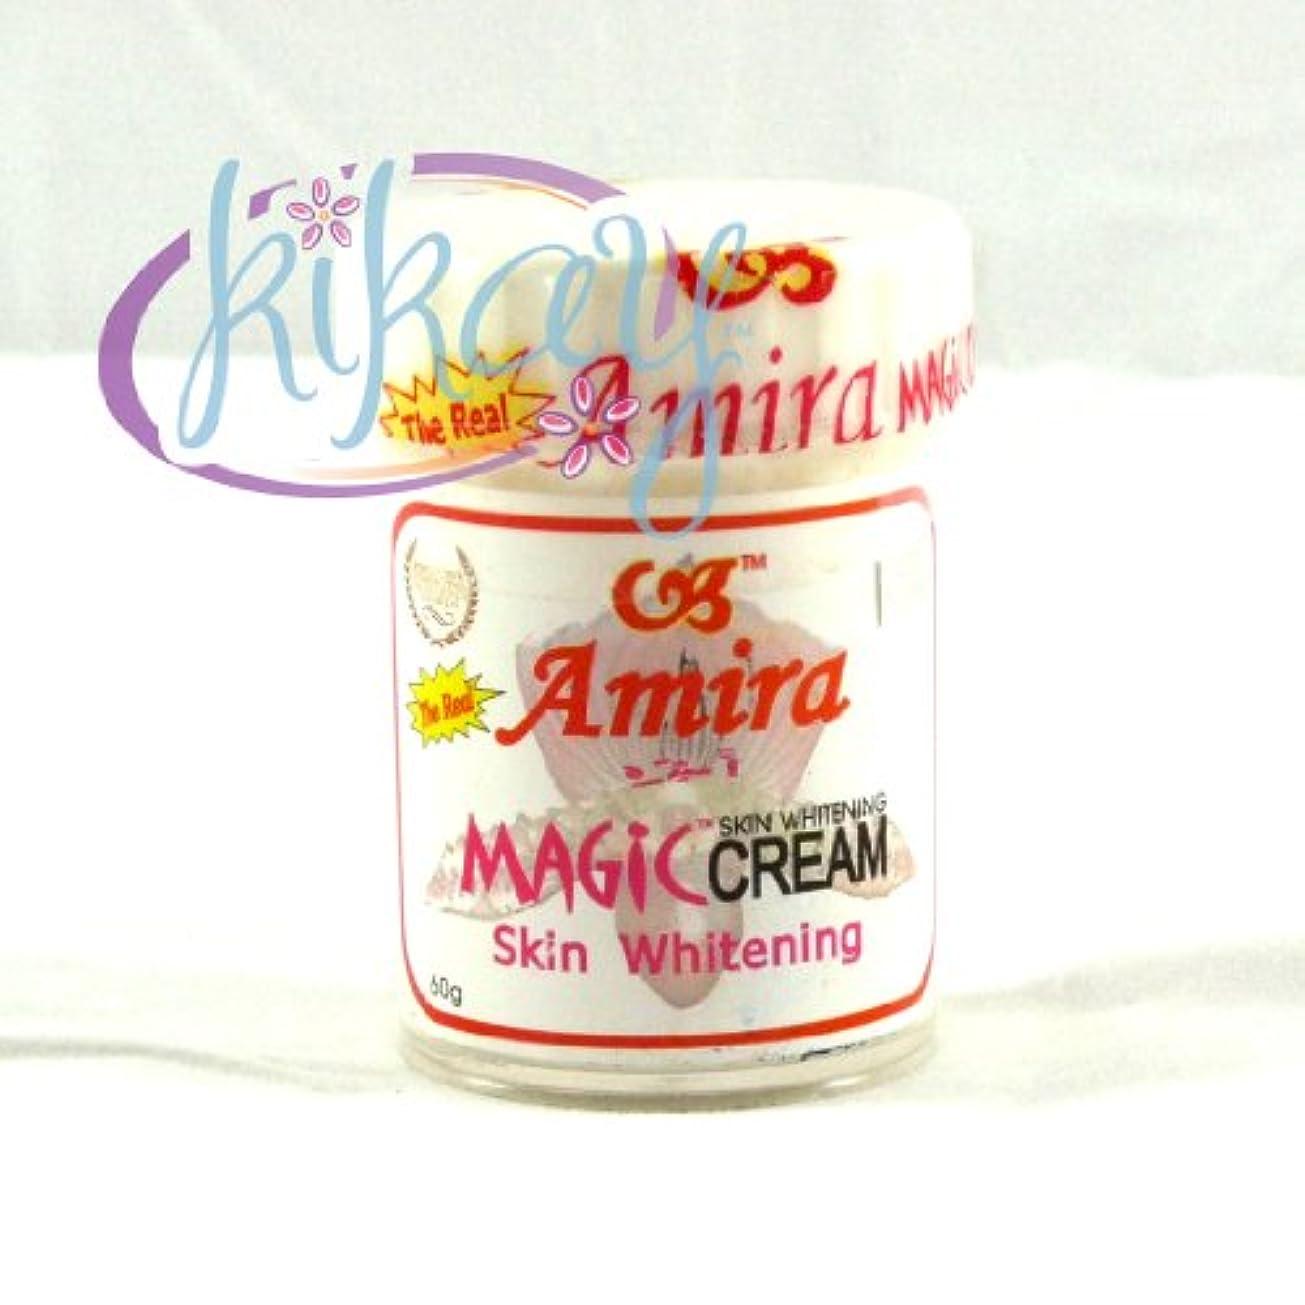 薄暗い怠な空AMIRA THE REAL MAGIC CREAM【SKIN WHITENING CREAM 60g】PHILIPPINES〈スキン ホワイトニング クリーム〉フィリピン